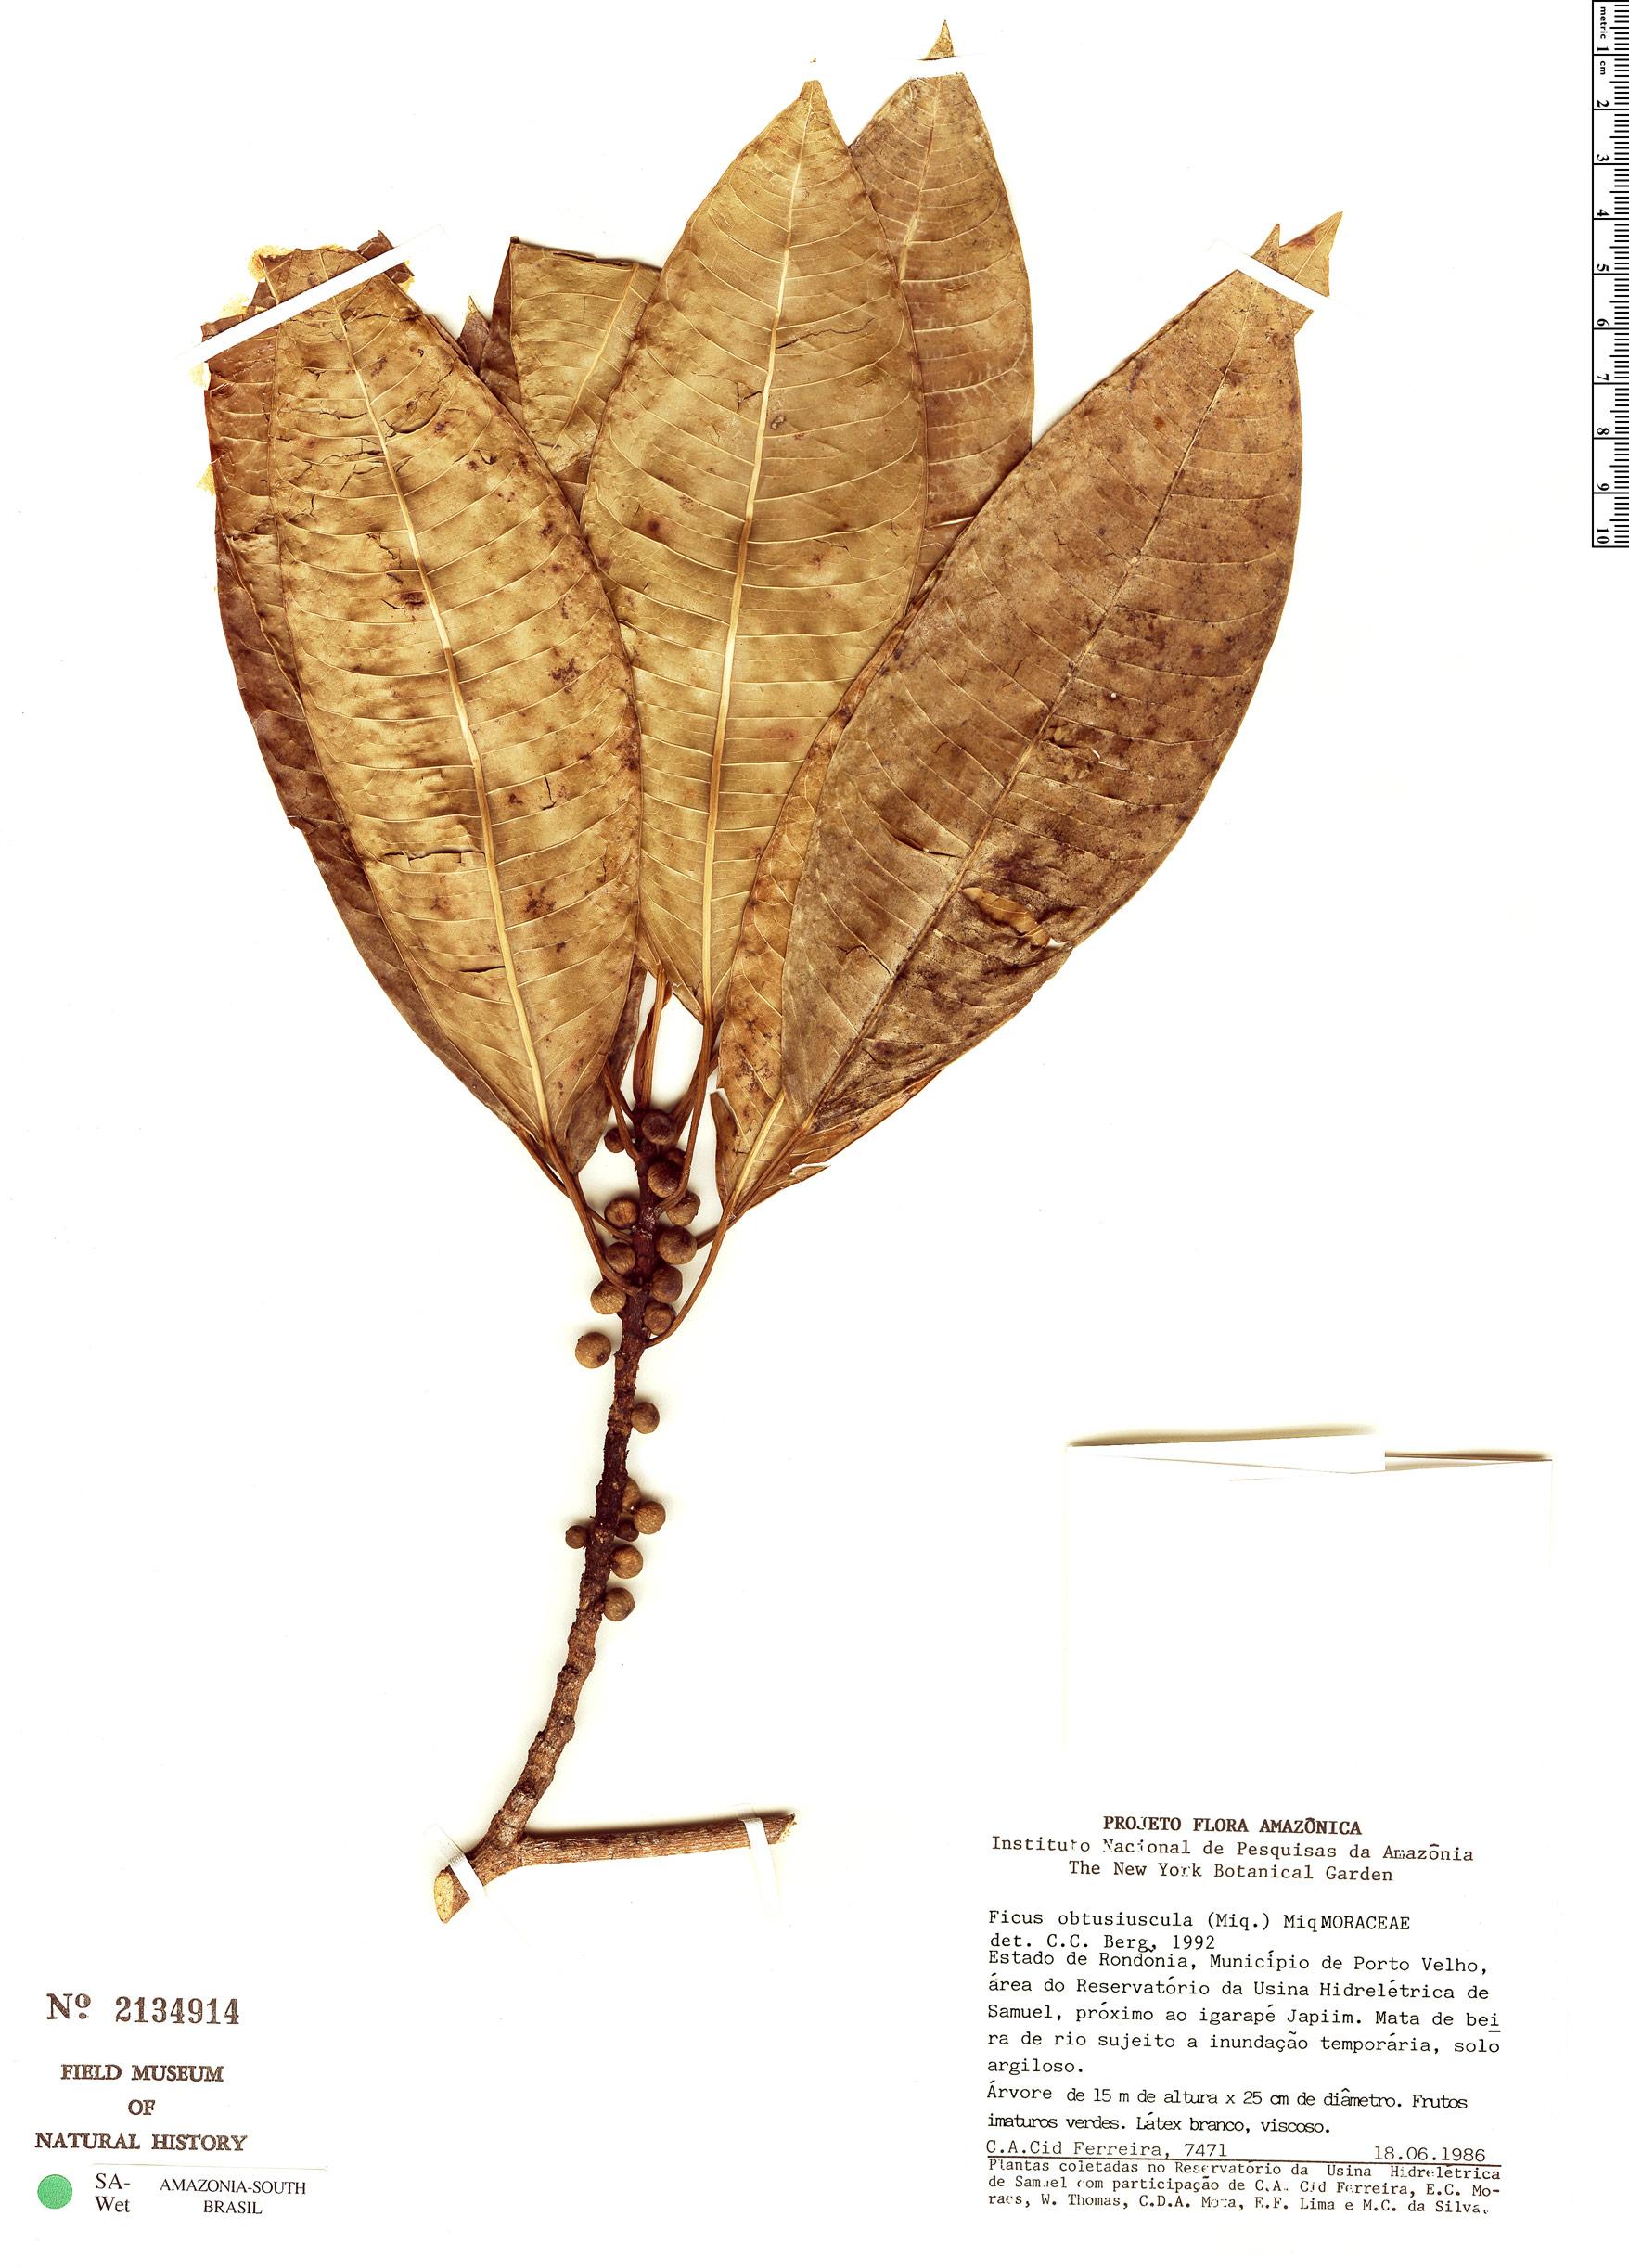 Espécime: Ficus obtusiuscula